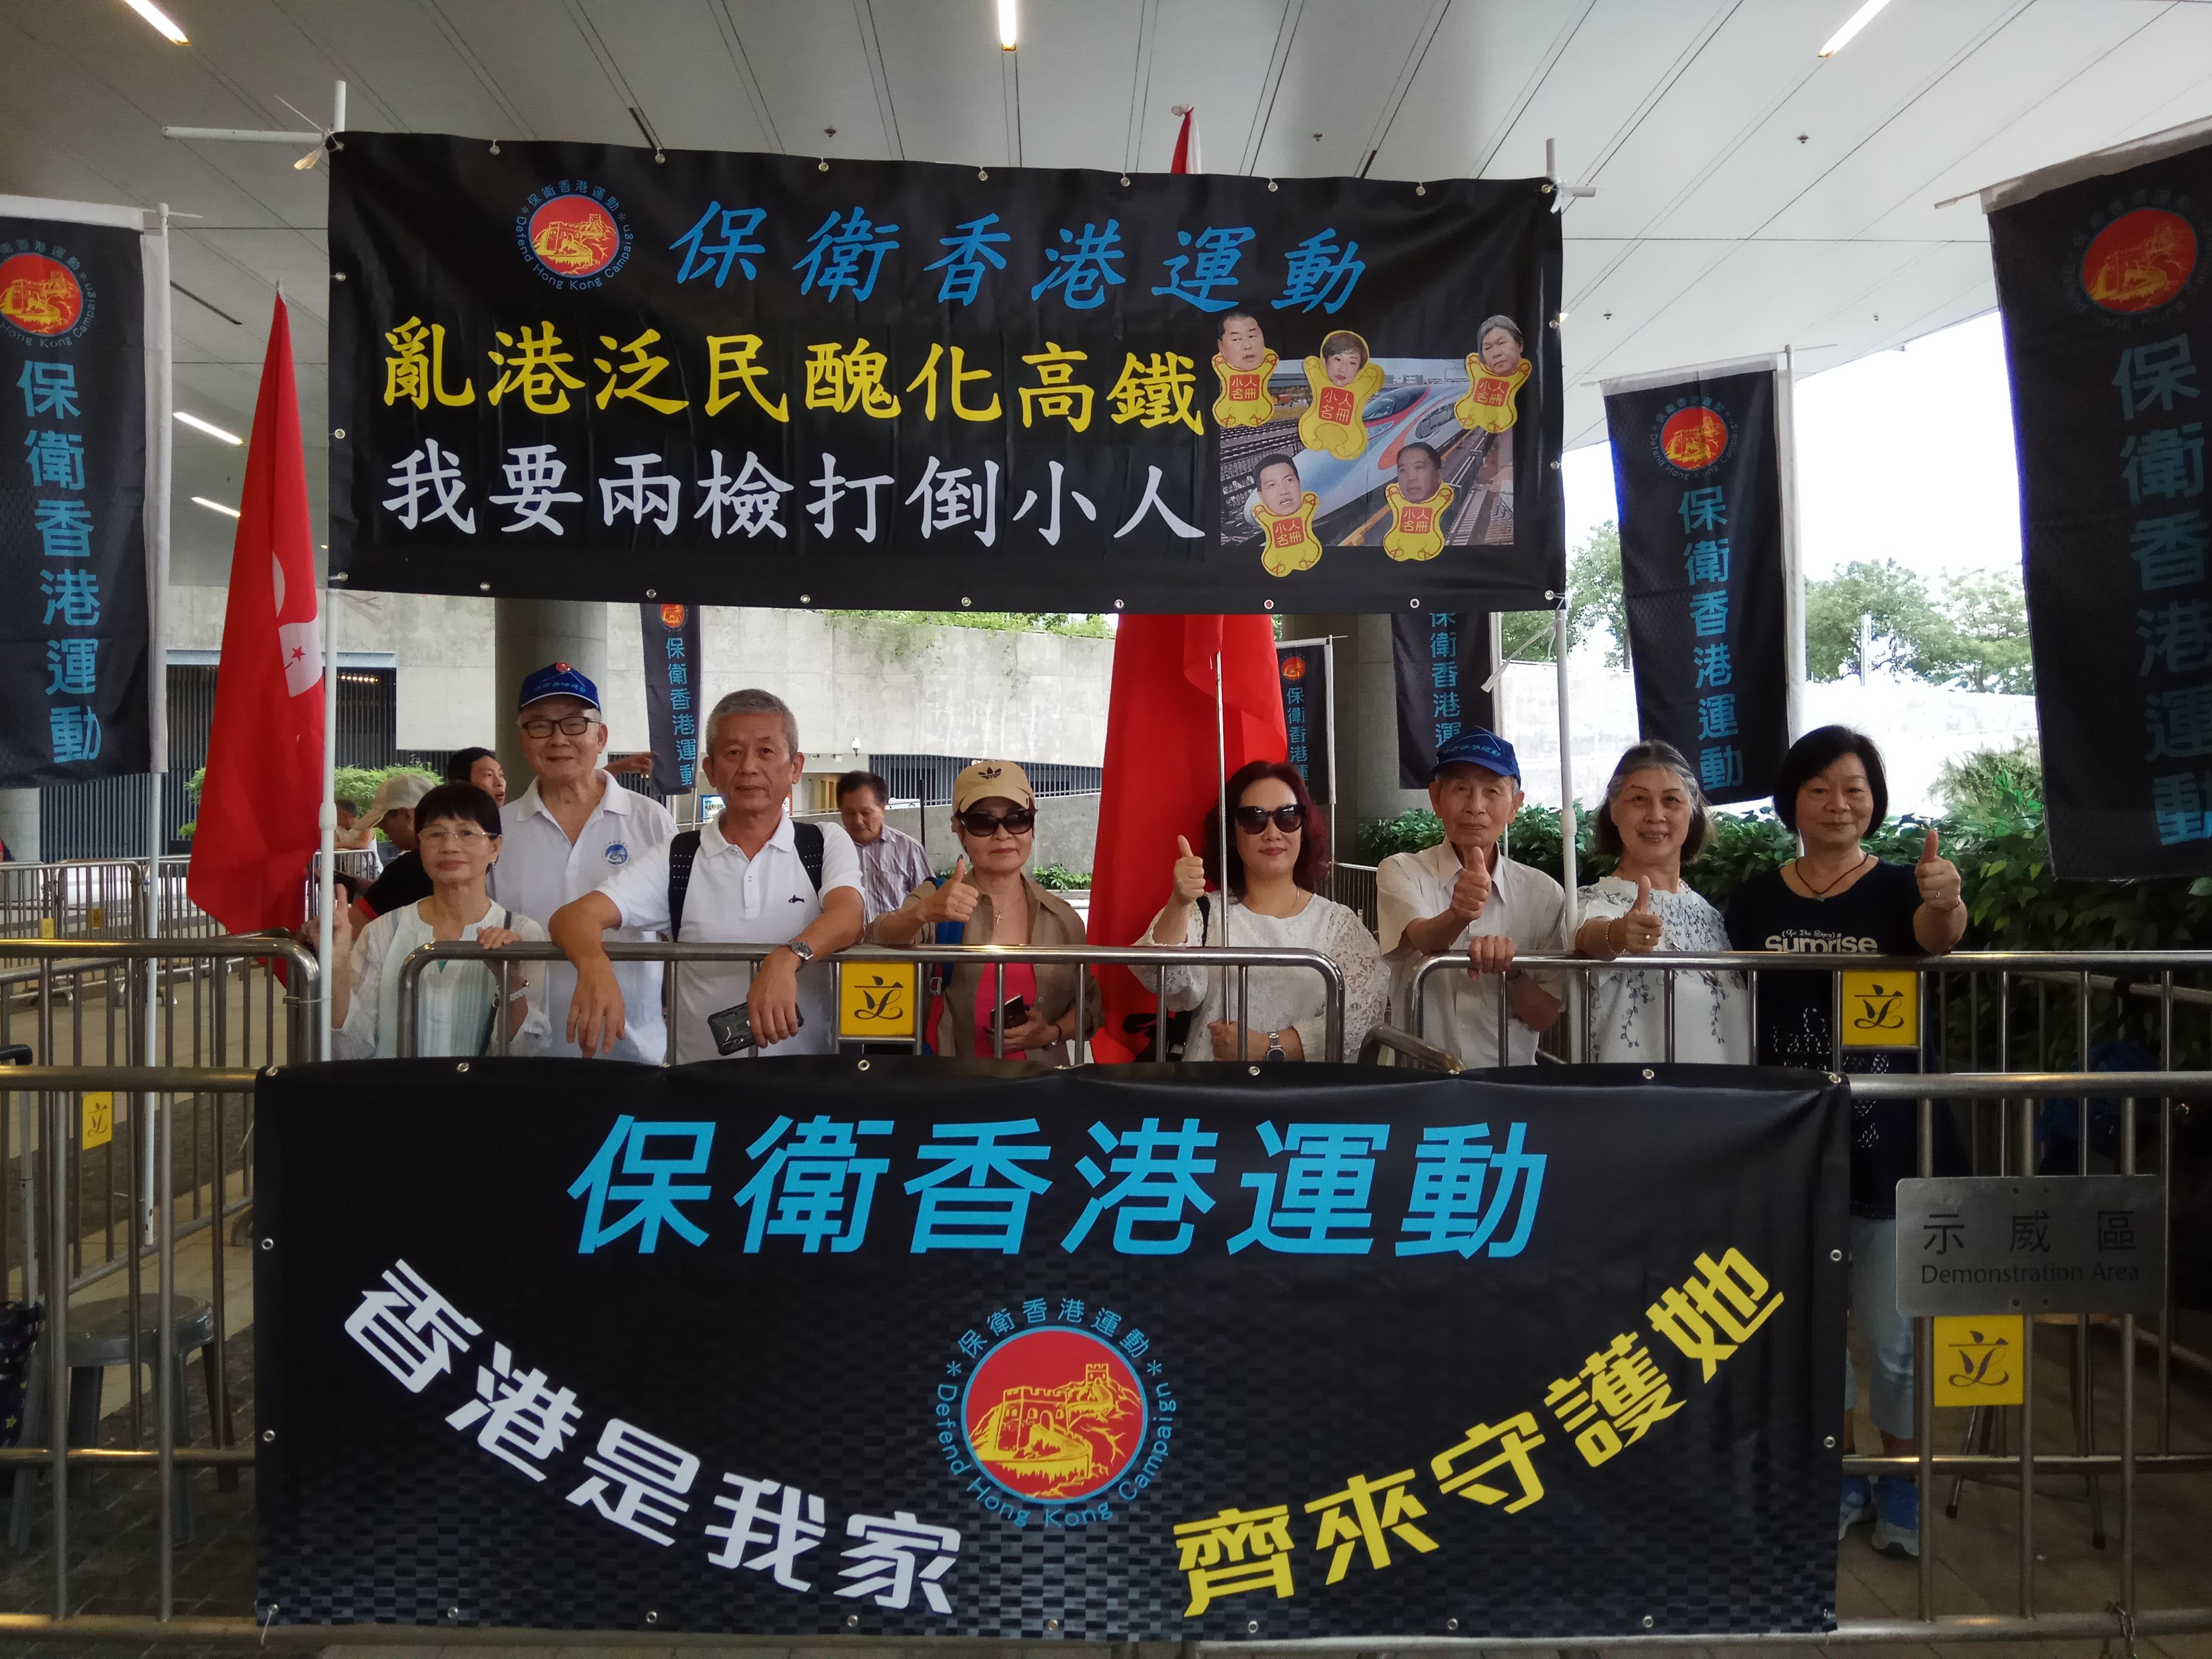 「保衛香港運動」主辦「打阻礙高鐵小人」集會-華發網繁體版